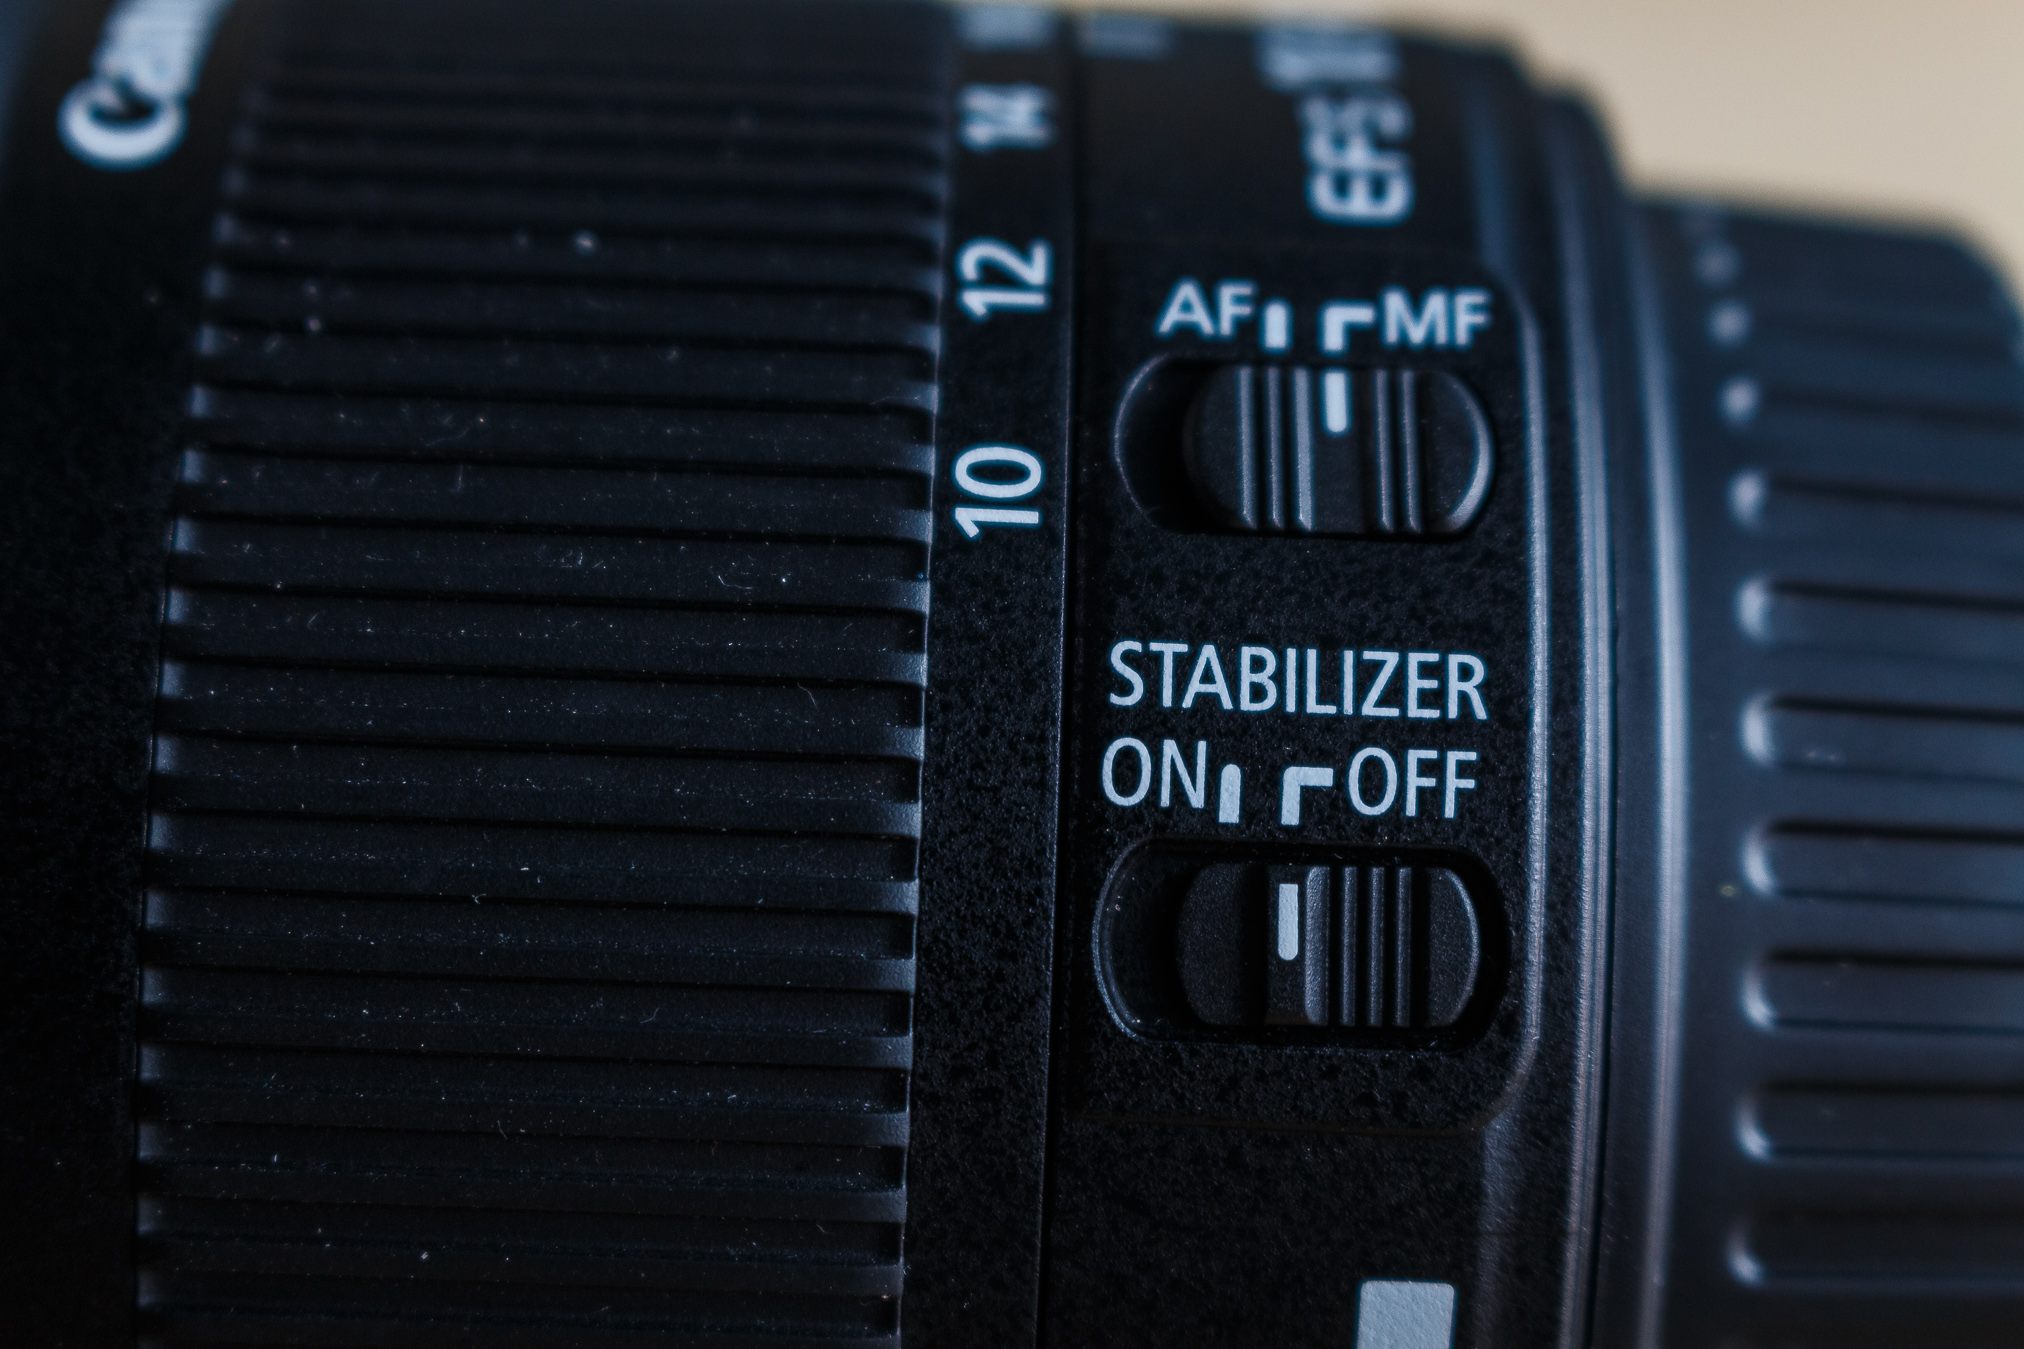 Ist ein Bildstabilisator vorhanden, lässt sich dieser auch abschalten